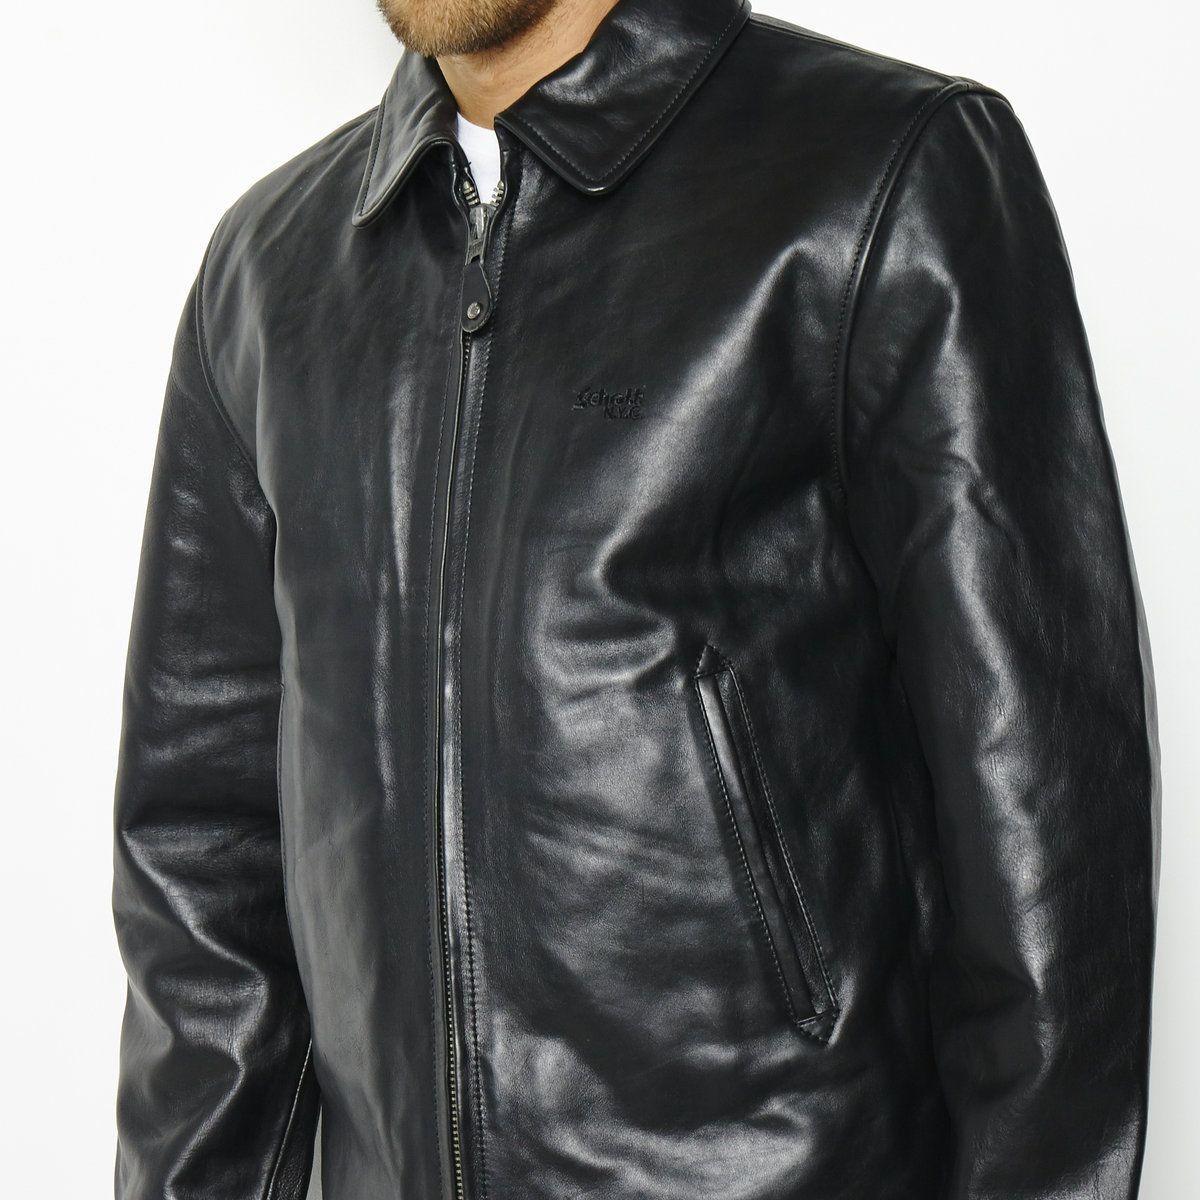 Veste en cuir Schott Nyc Lc5100 pour Homme - Noir (Tailles S, L)